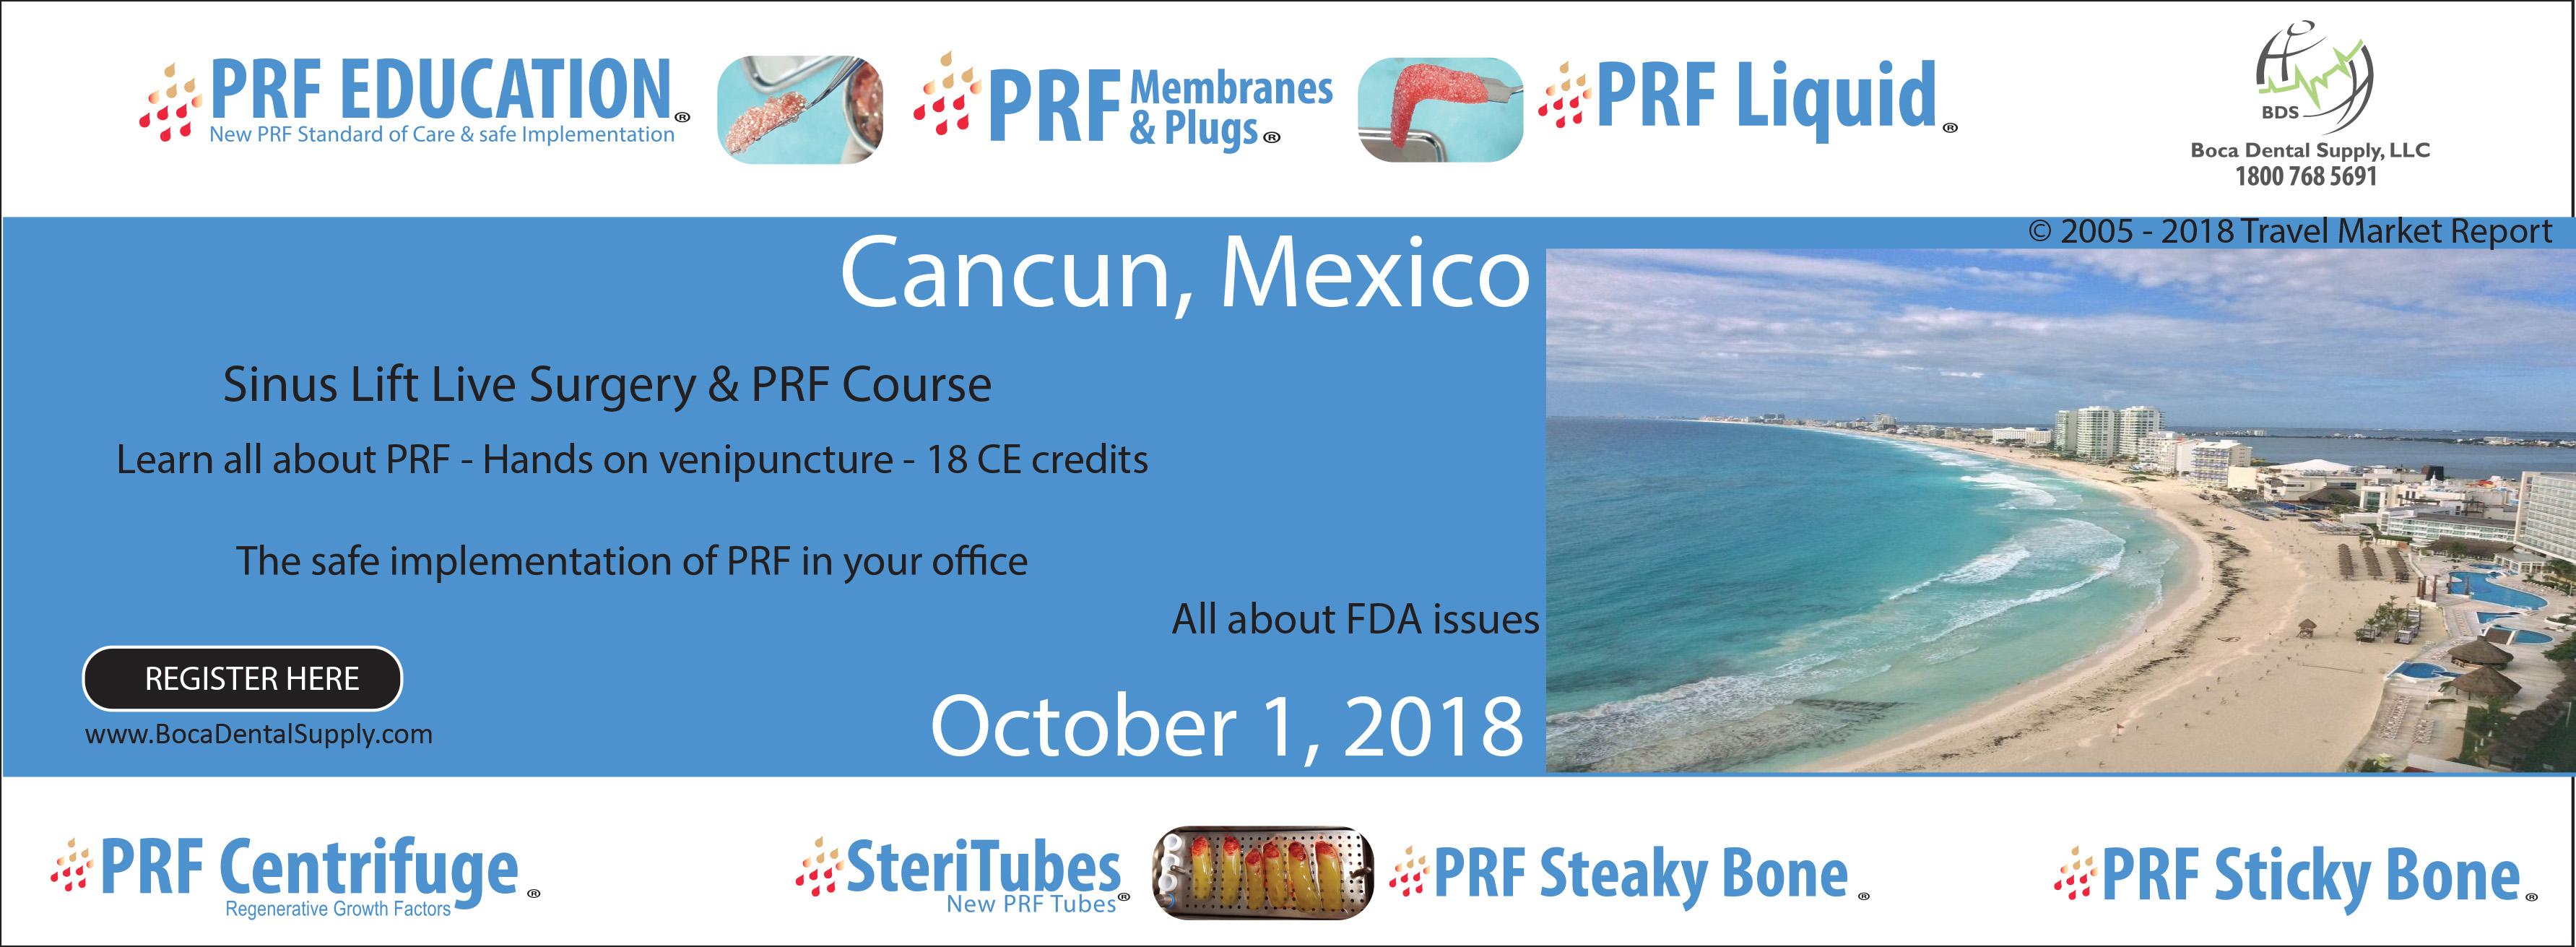 prf-live-surgery-cancun-2018.jpg